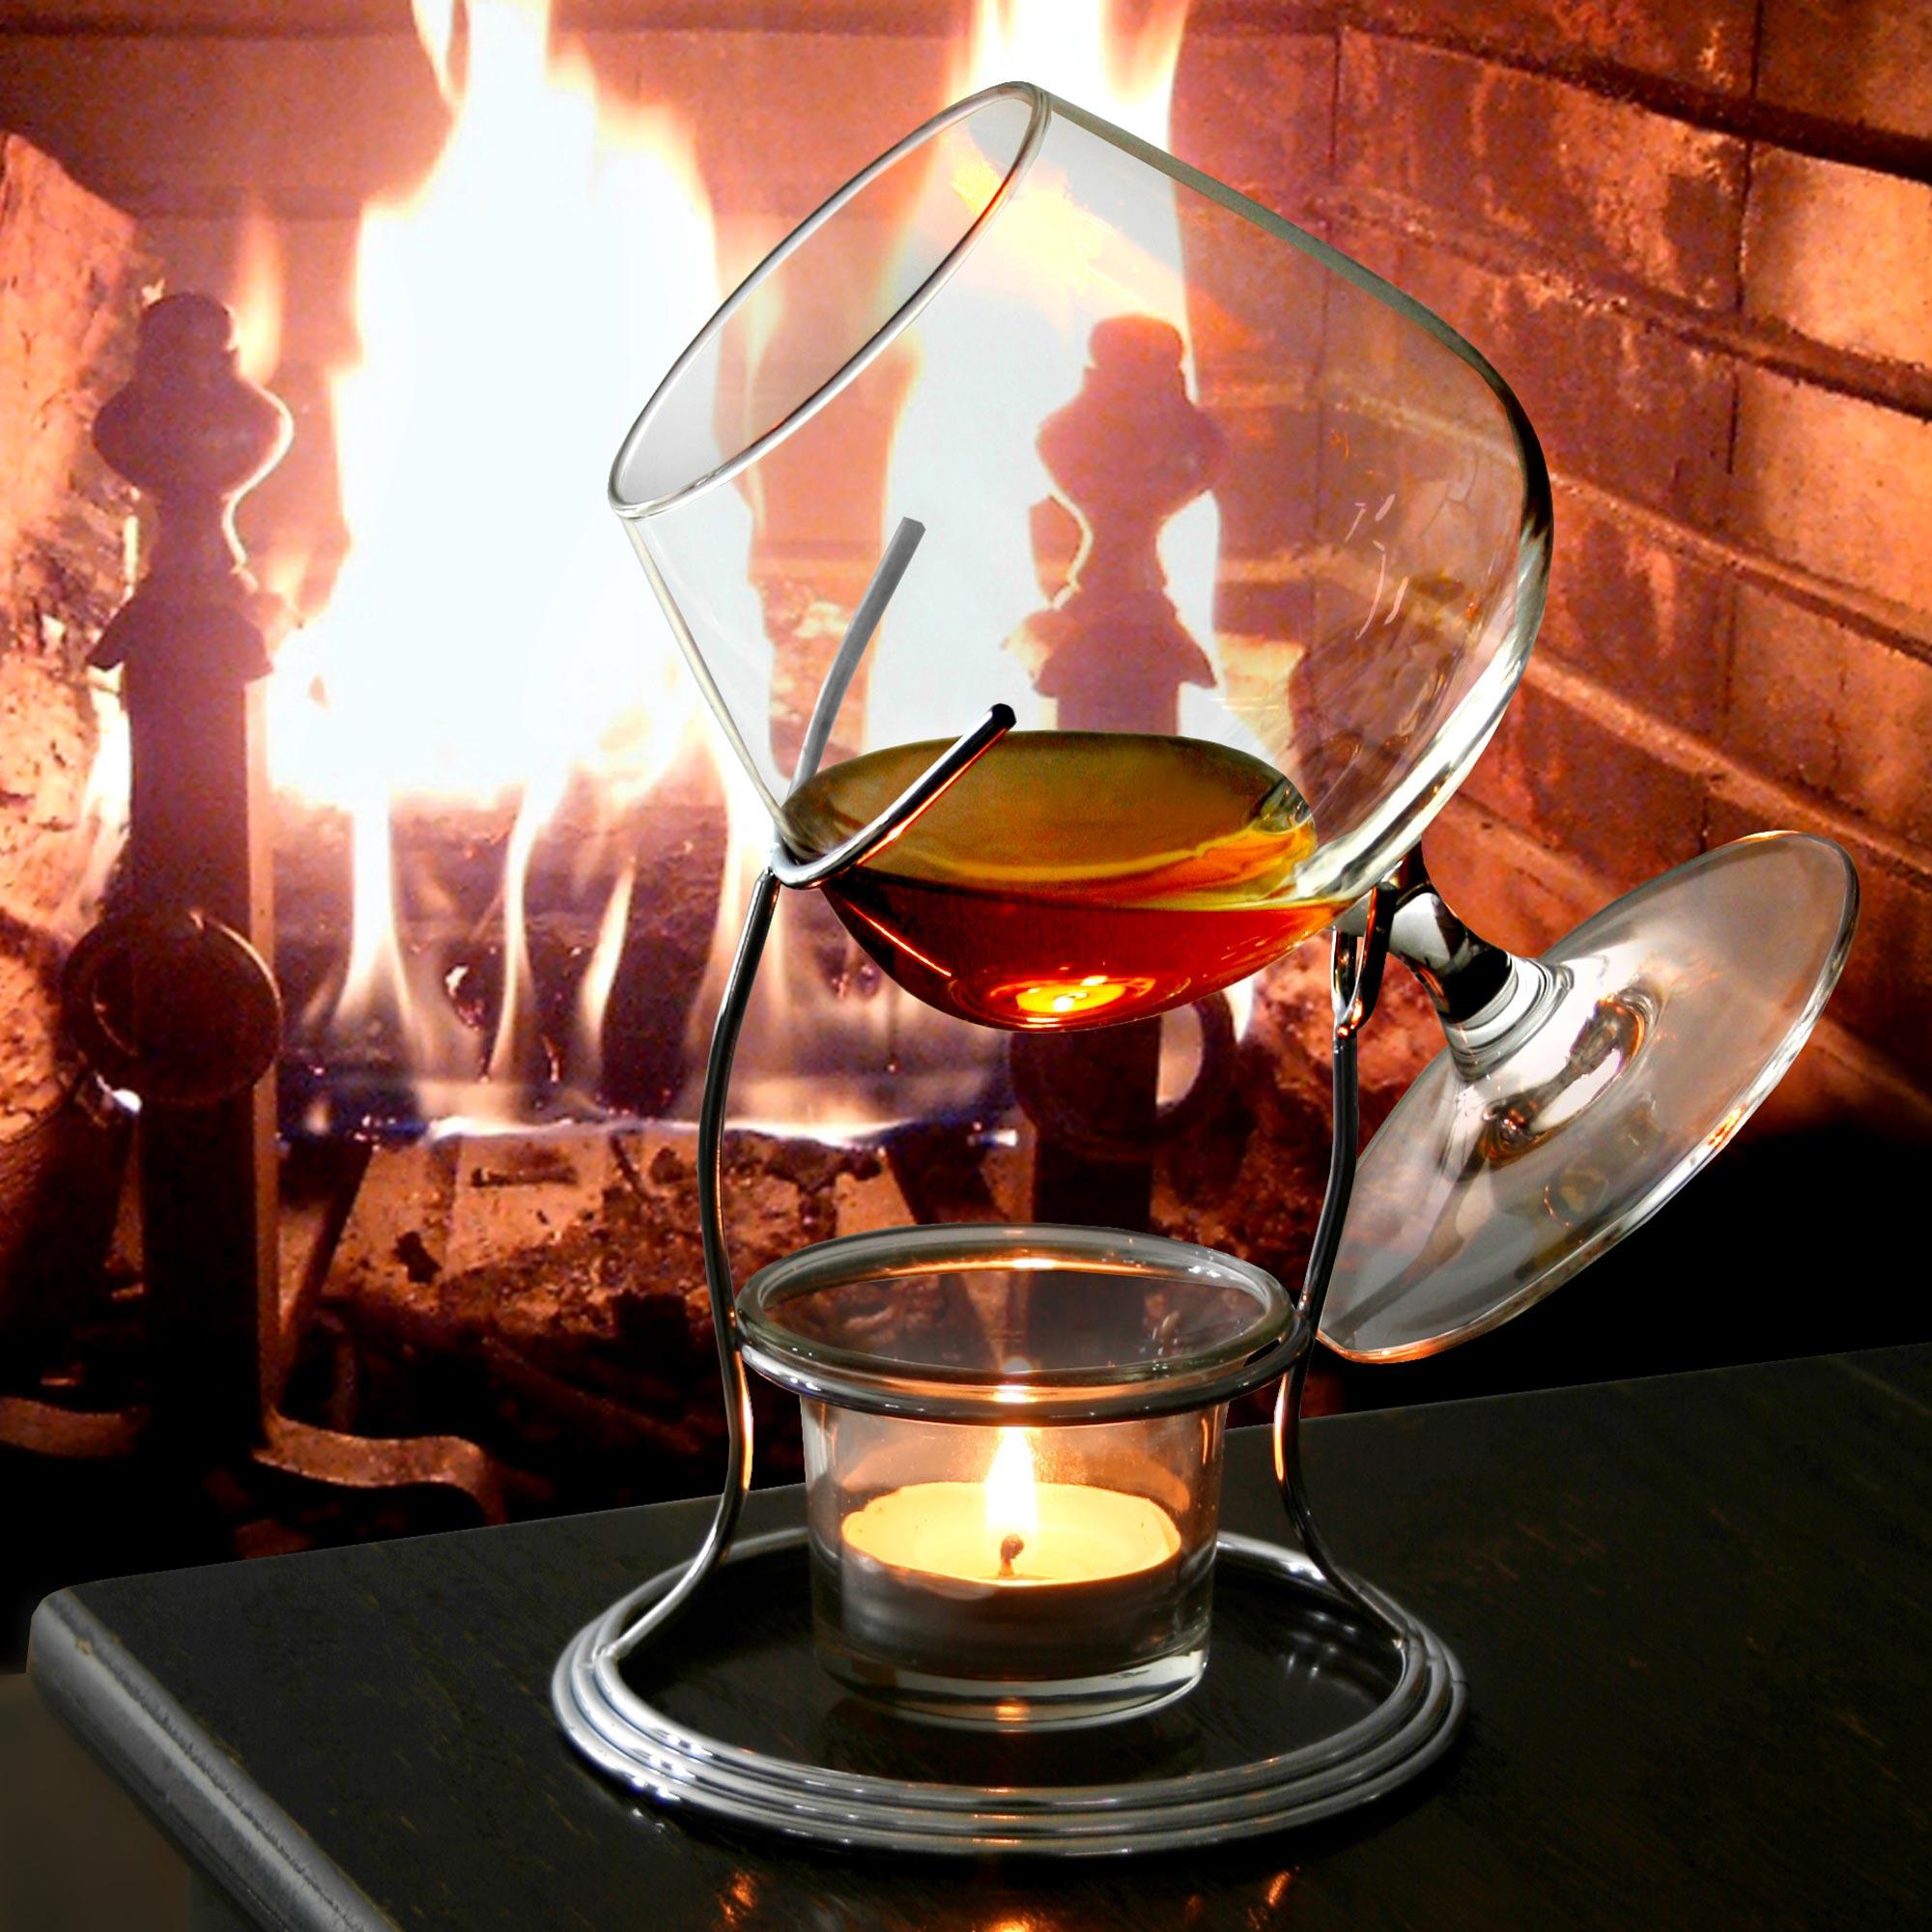 Cognac & Brandy Warmer with Glass 14oz / 400ml